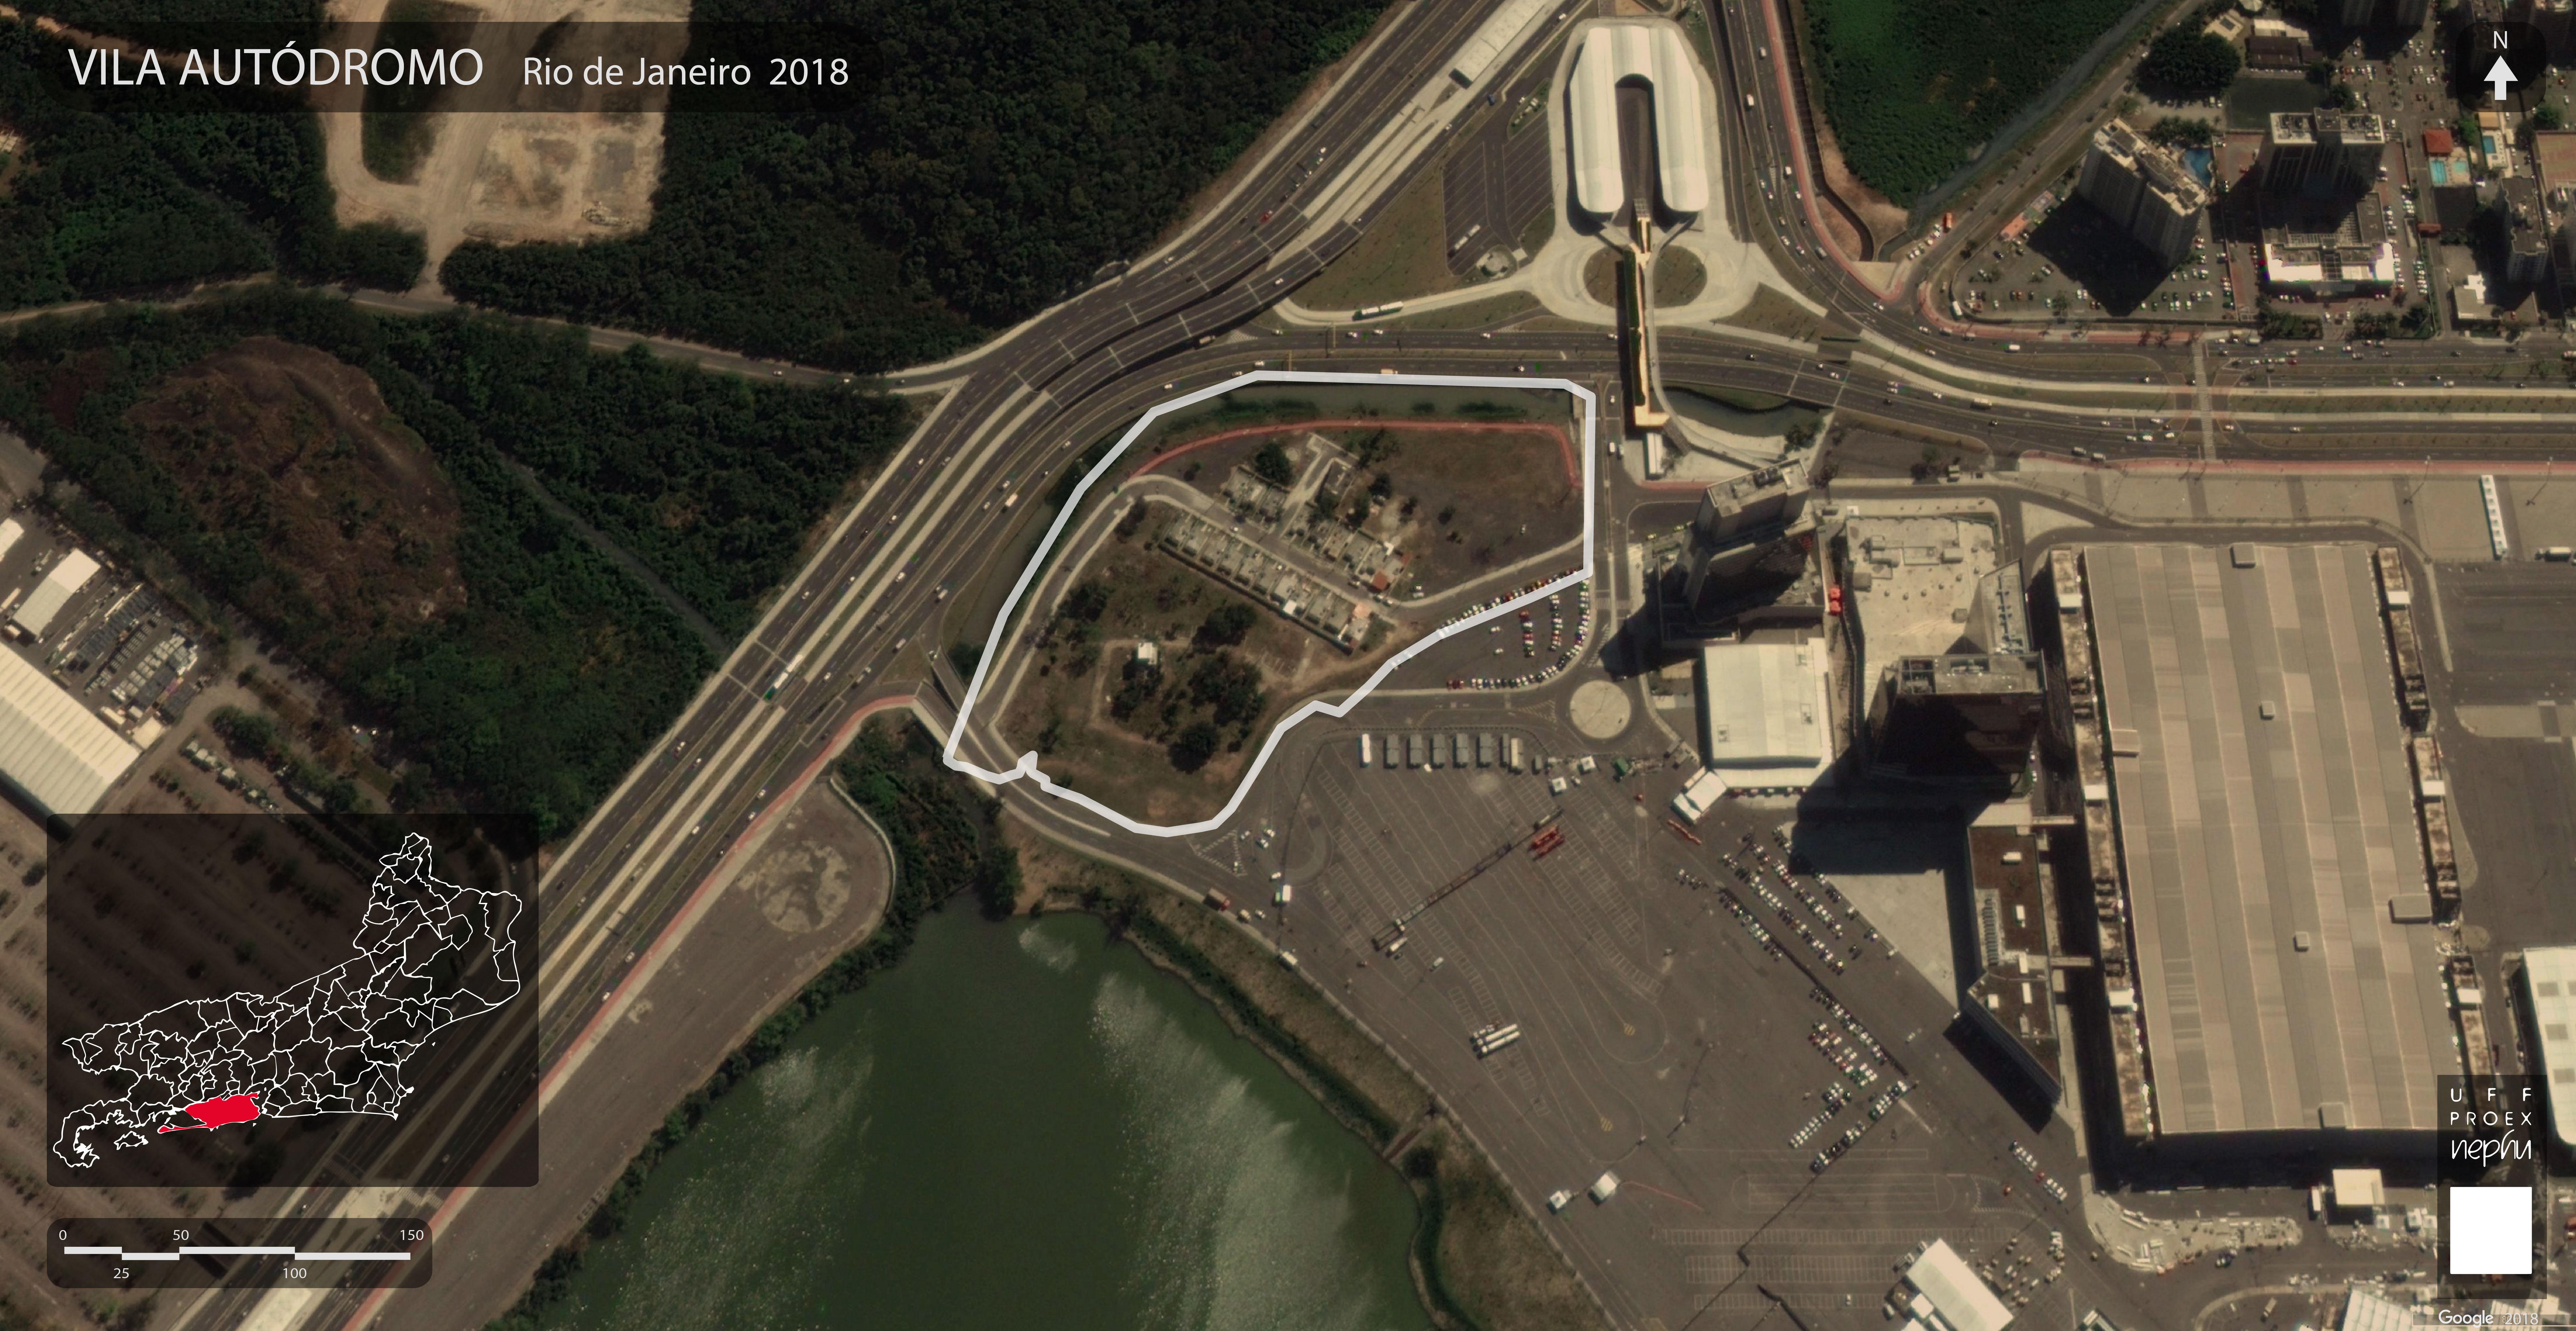 Mapa de Delimitação da Vila Autódromo